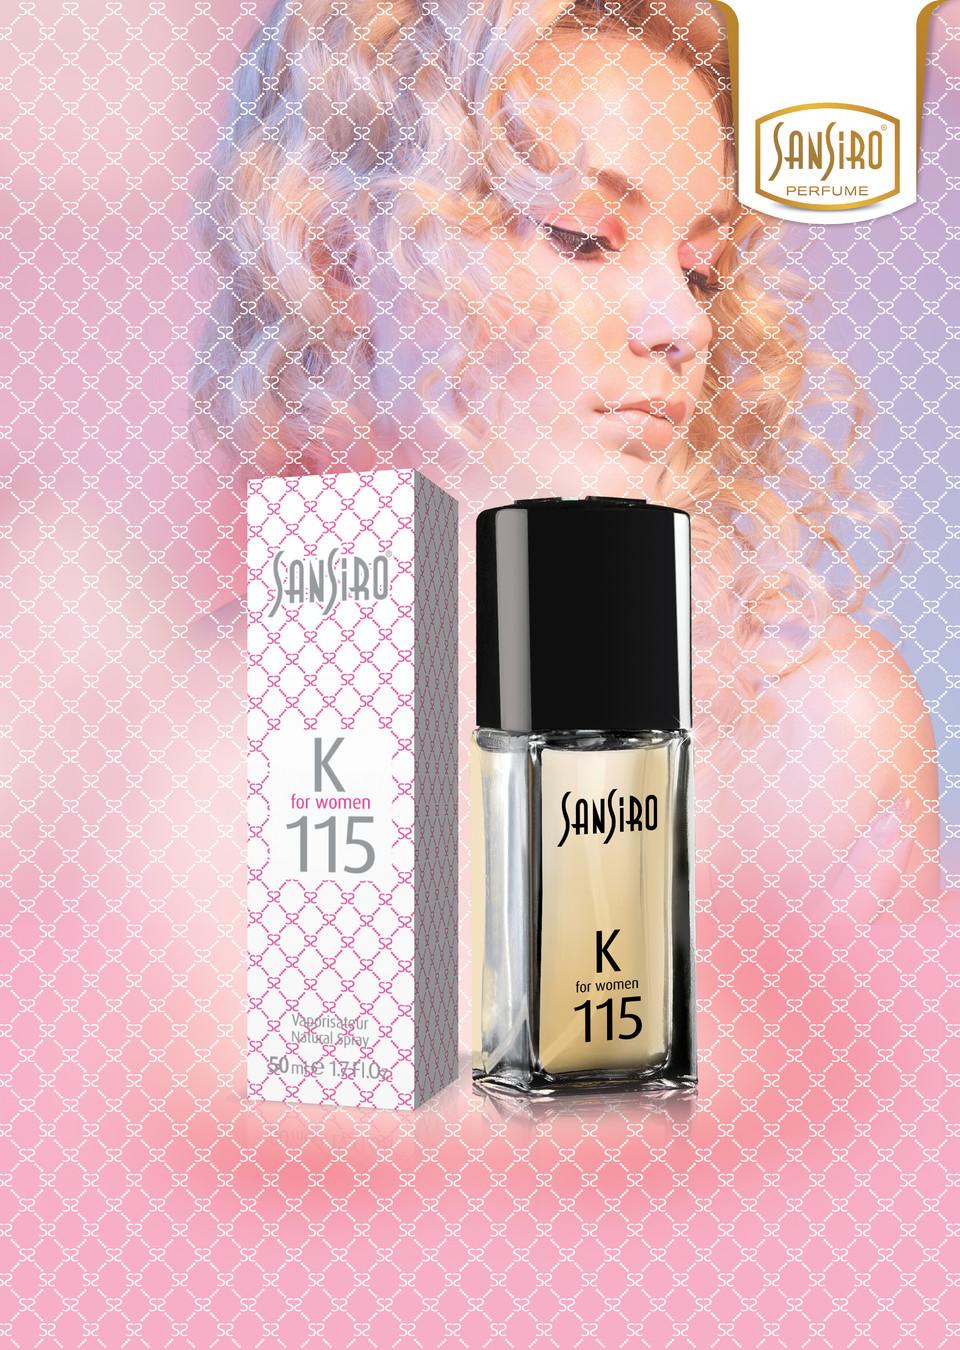 Sansiro Perfume - For Women - Cevremden (K115)